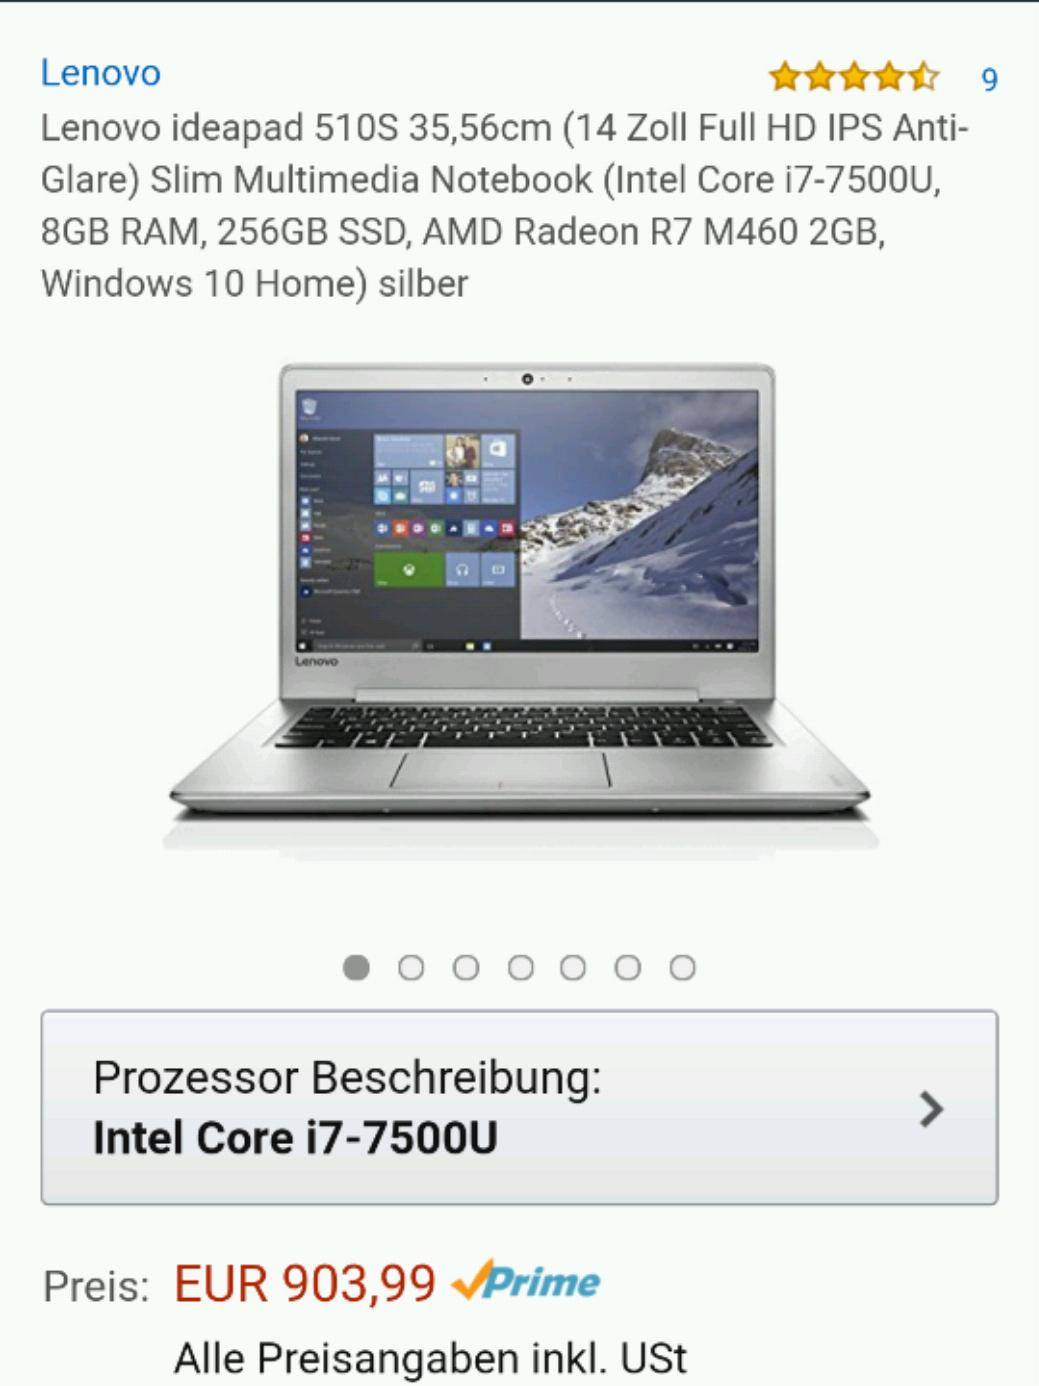 Amazon Blitzangebot Lenovo ideapad 510S, 14 Zoll Full HD IPS matt (Intel i7-7500U, 8GB RAM, 256GB SSD, AMD Radeon R7 M460 2GB, Windows 10 Home) silber